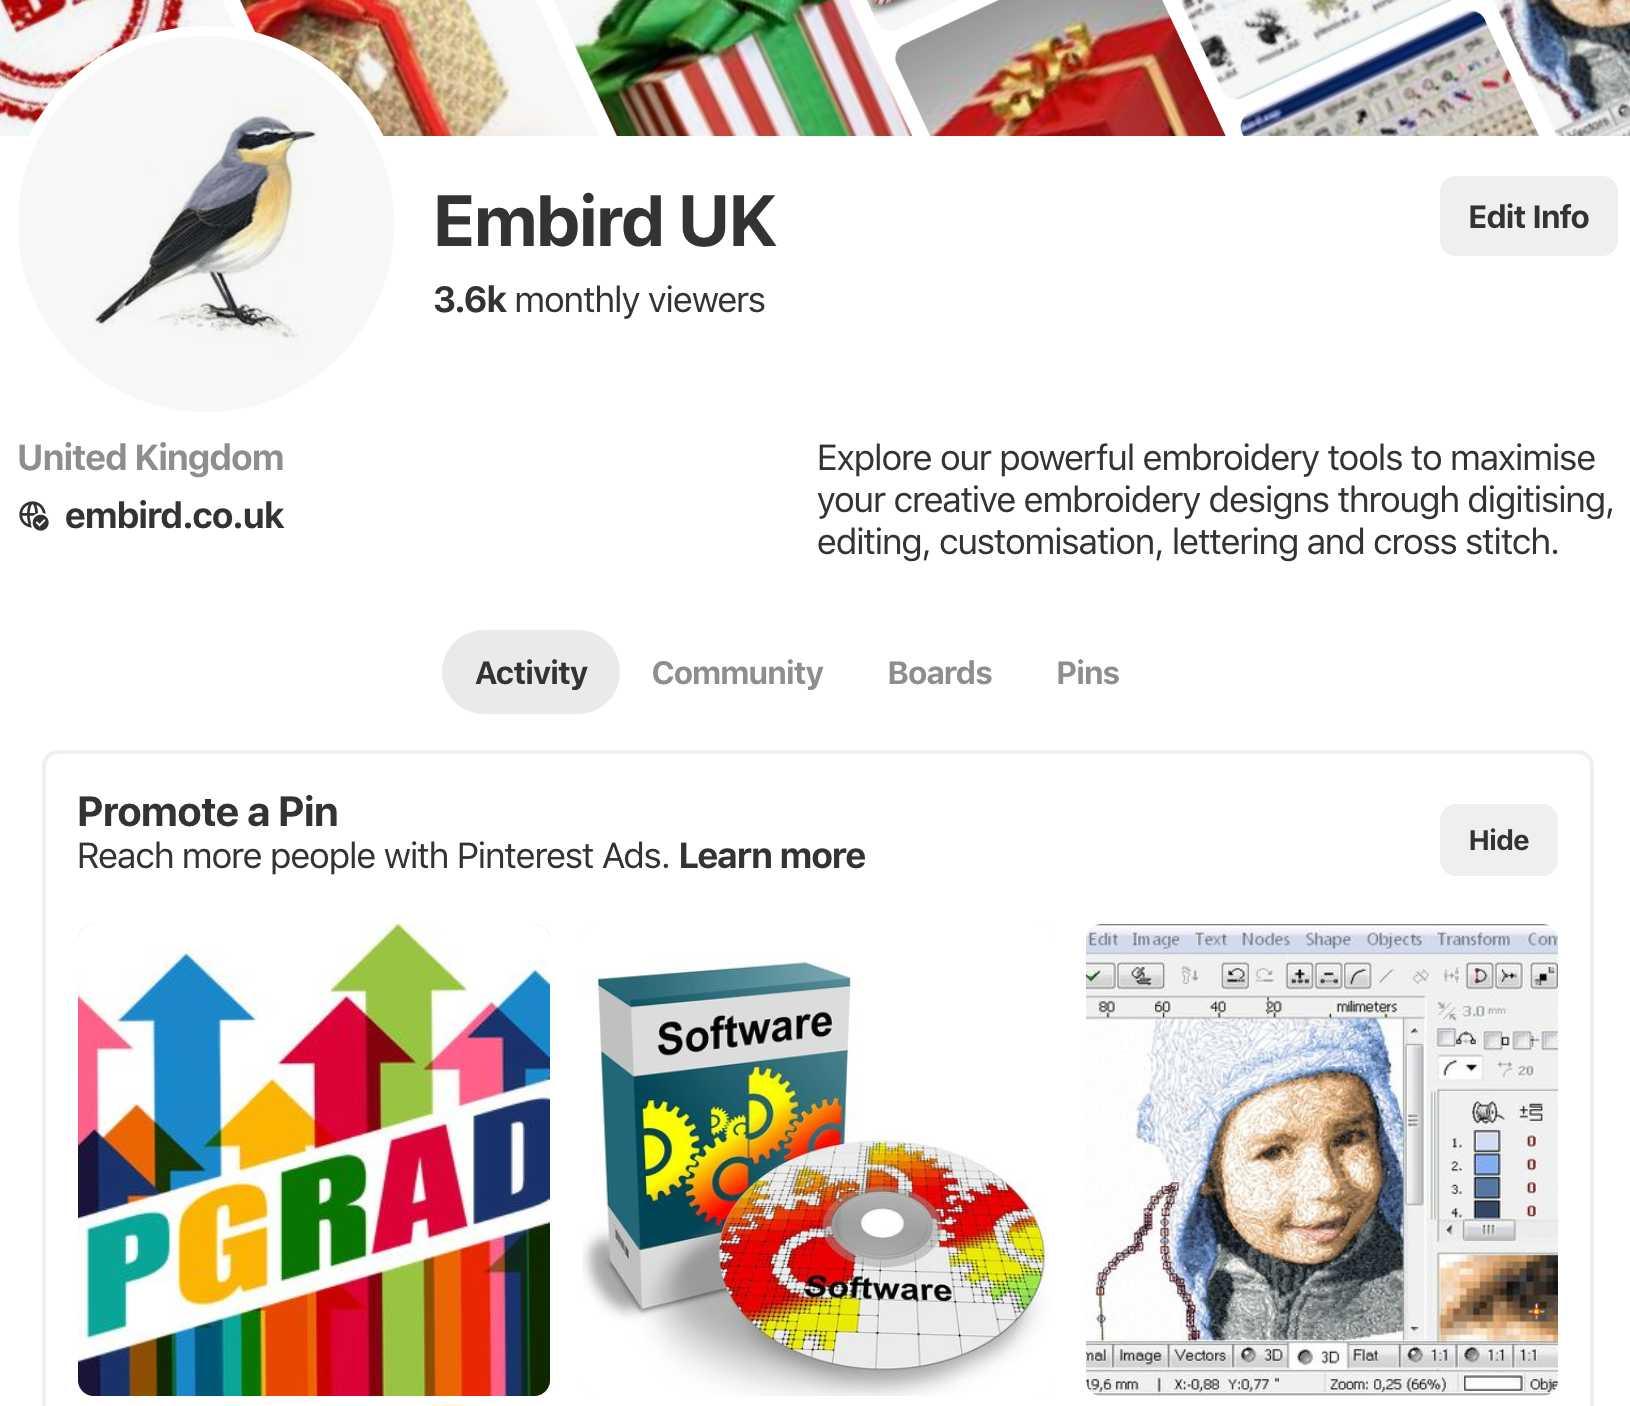 Embird-UK-Pinterest